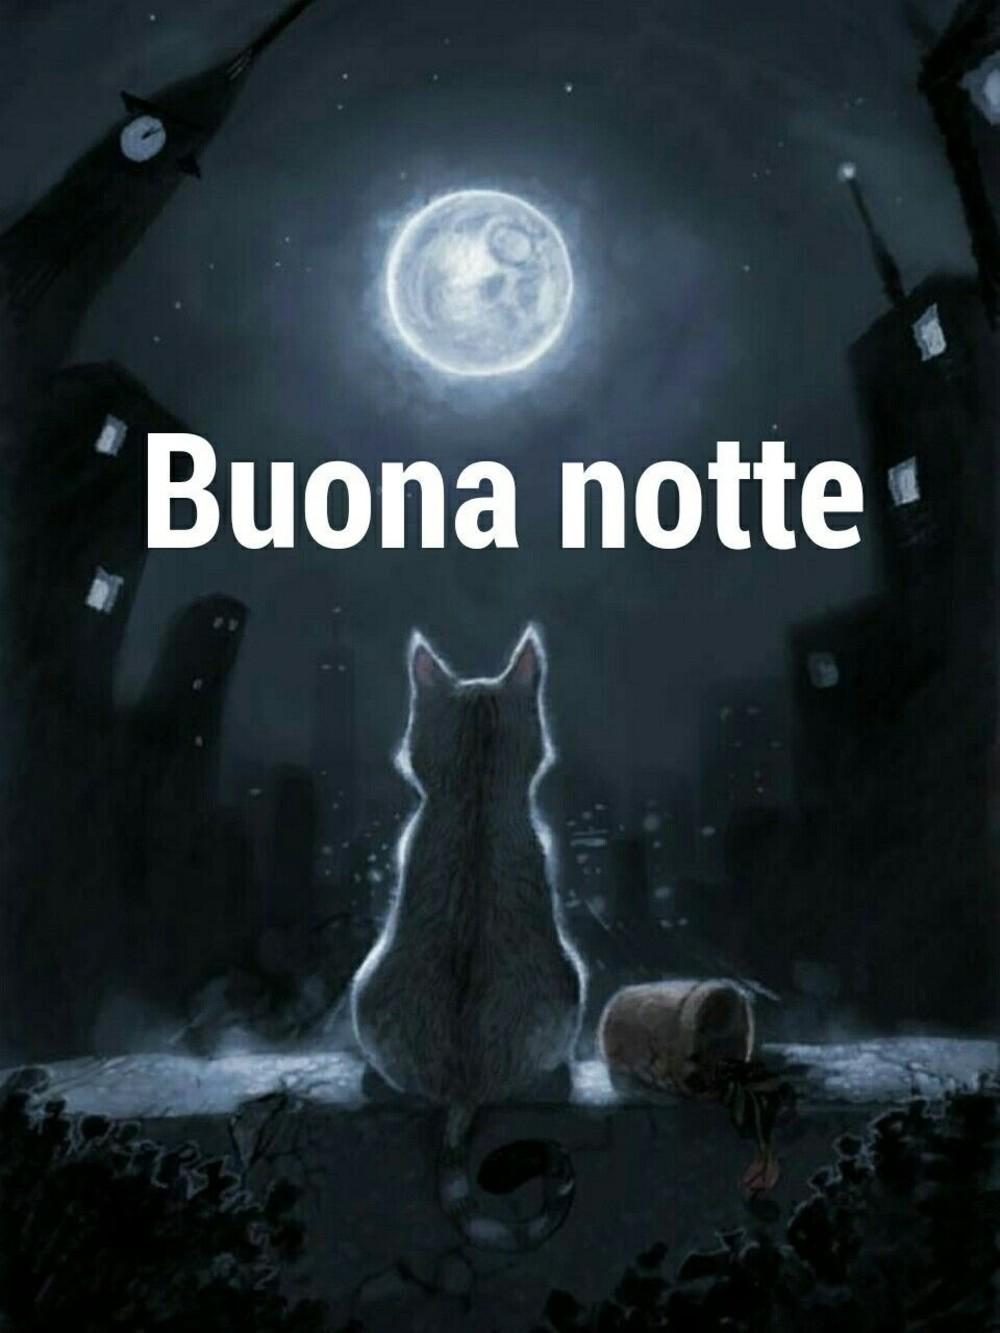 Buona Notte 10593